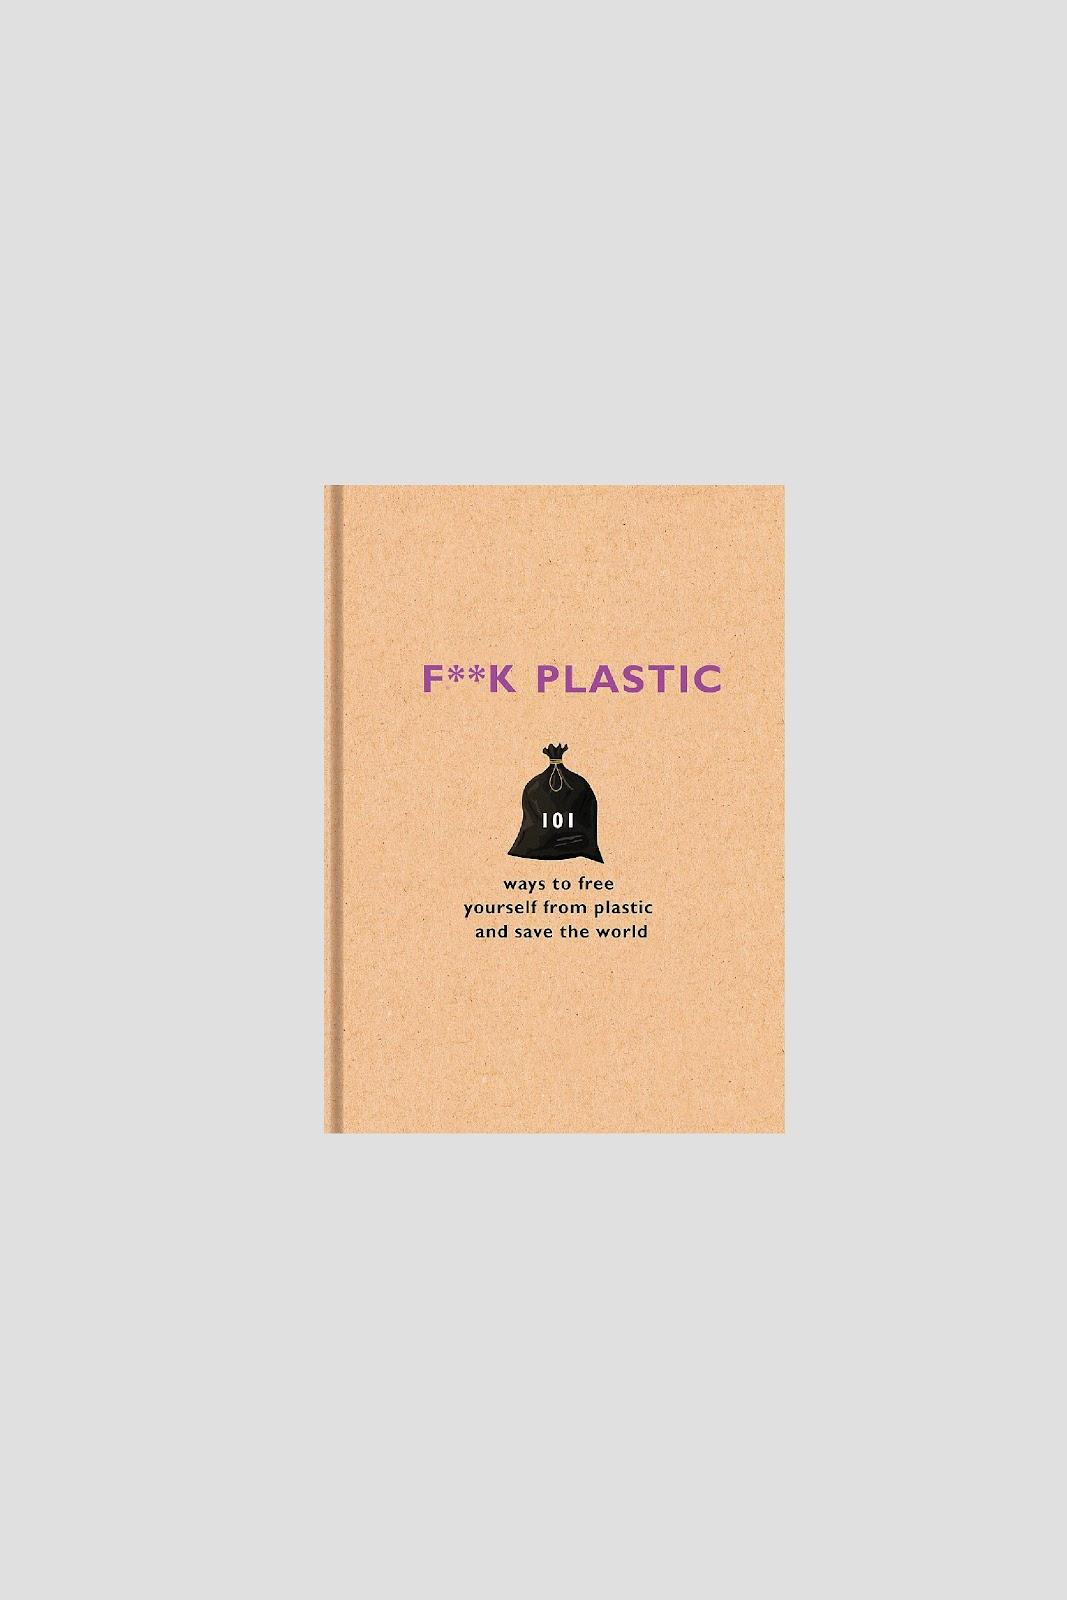 books on zero waste